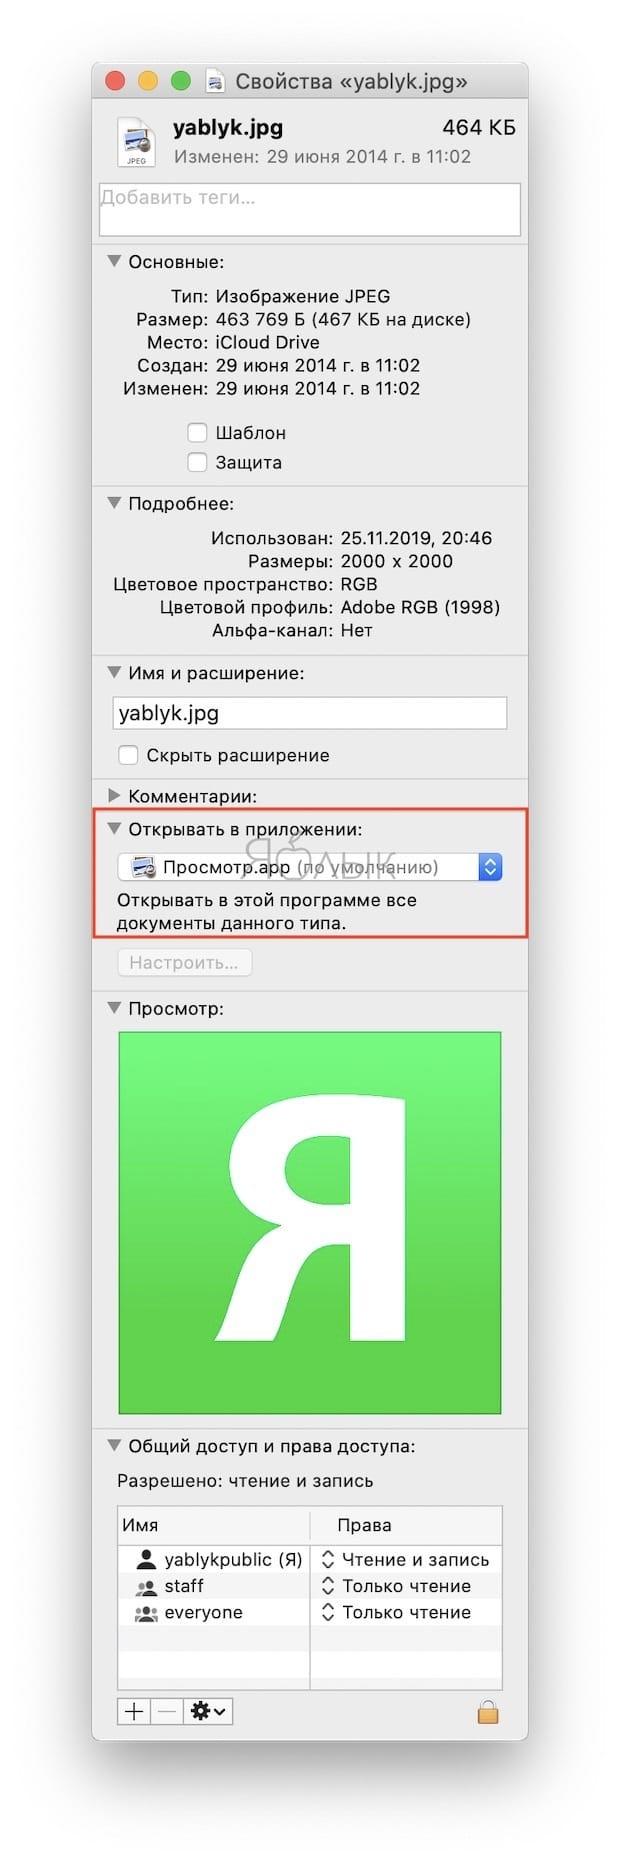 Как изменить приложение по умолчанию для открытия файлов в macOS